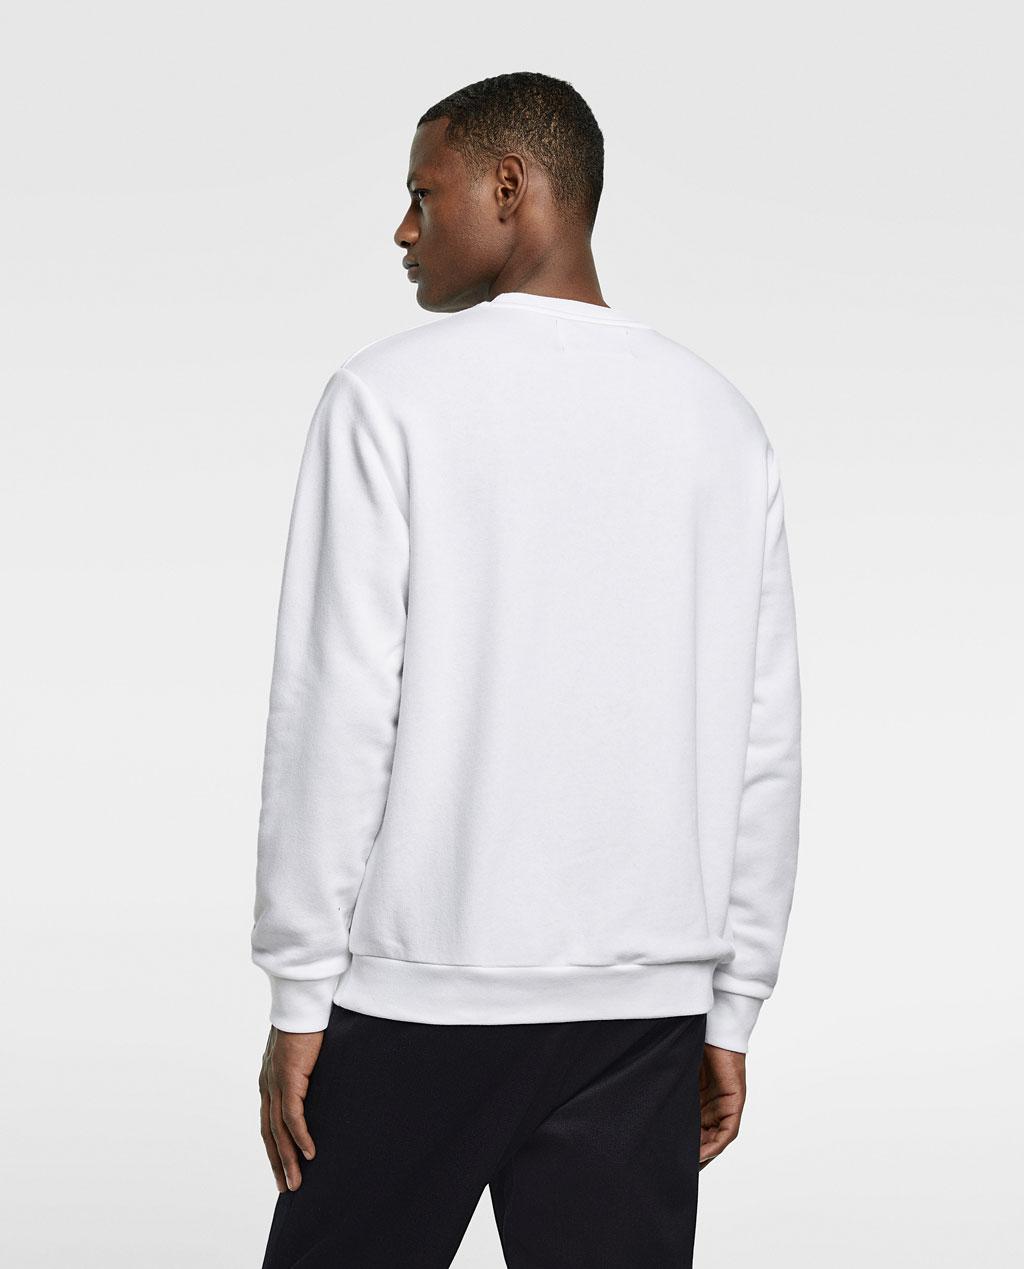 Thời trang nam Zara  23920 - ảnh 5